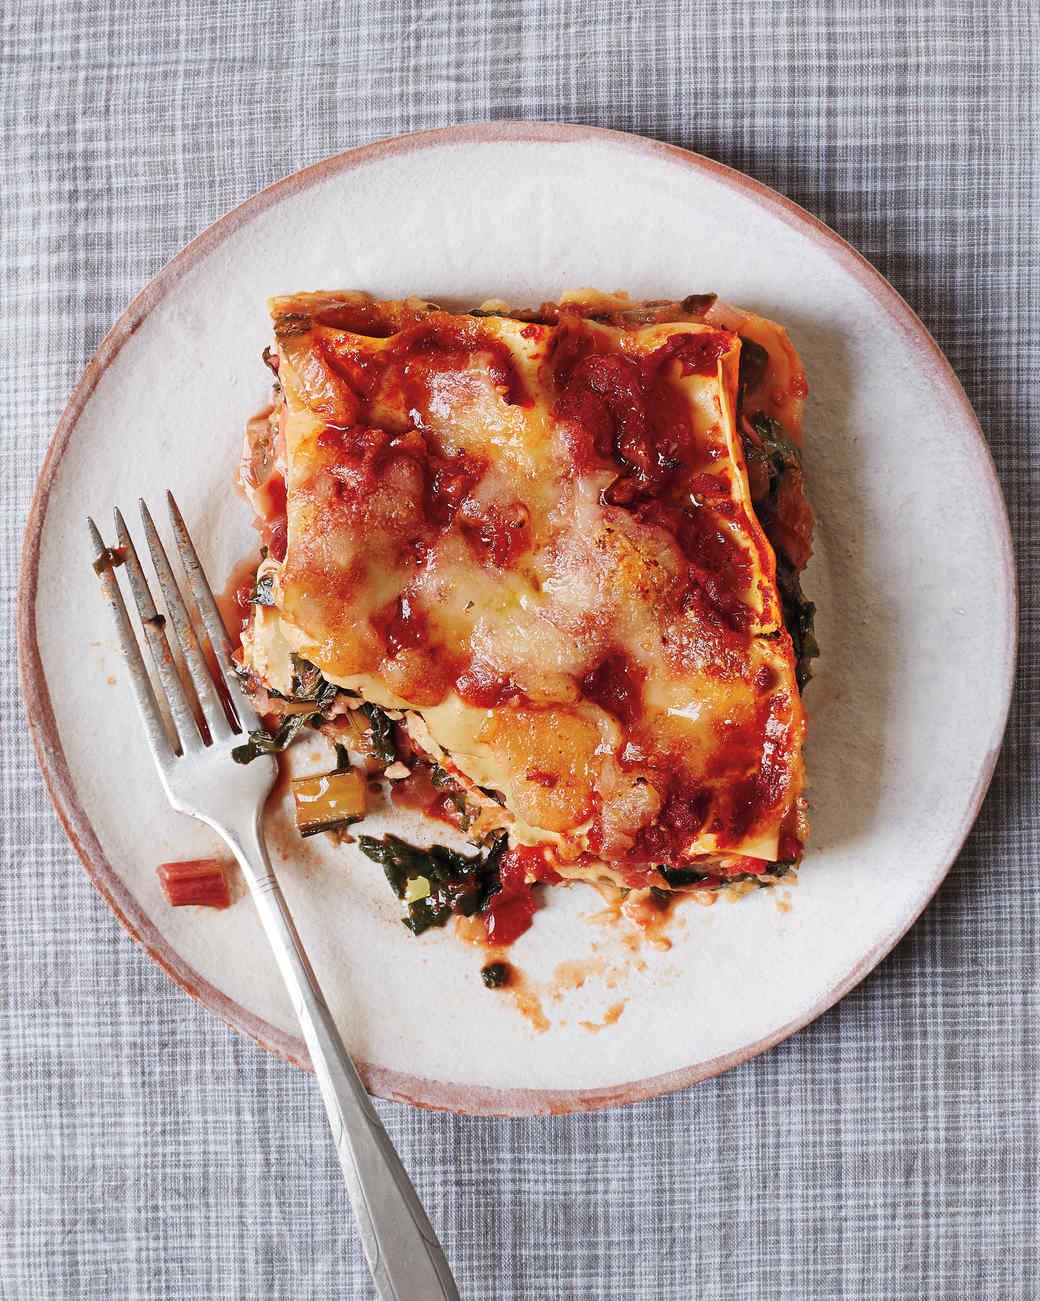 swiss-chard-lasagna-100-exp-1-d111450.jpg